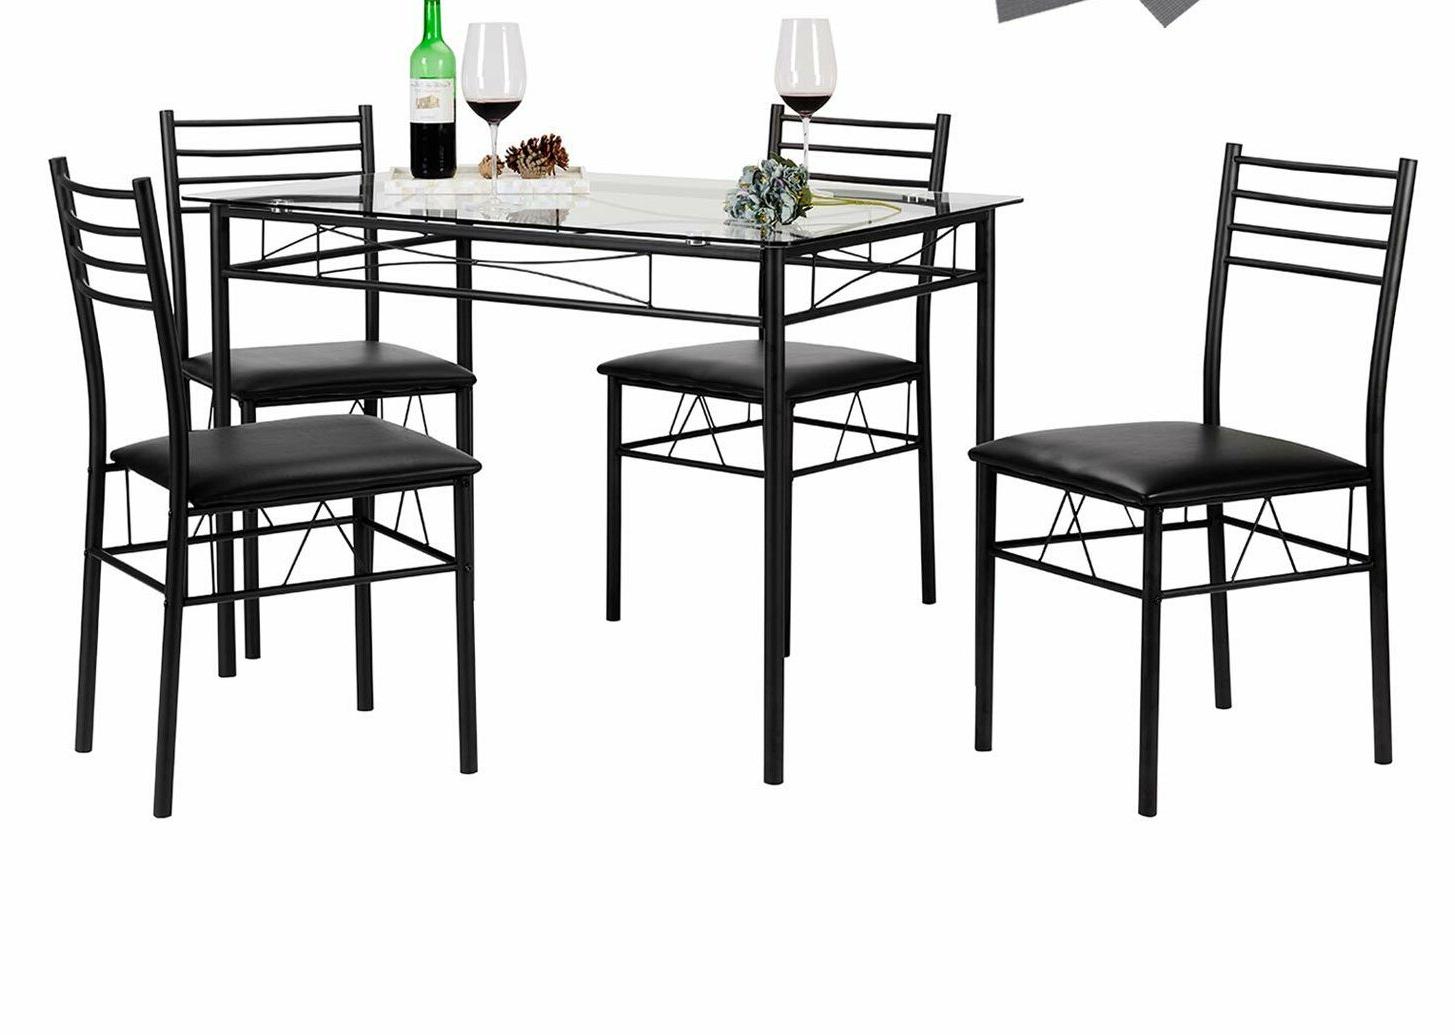 Ebern Designs Lightle 5 Piece Breakfast Nook Dining Set & Reviews inside Trendy Lightle 5 Piece Breakfast Nook Dining Sets